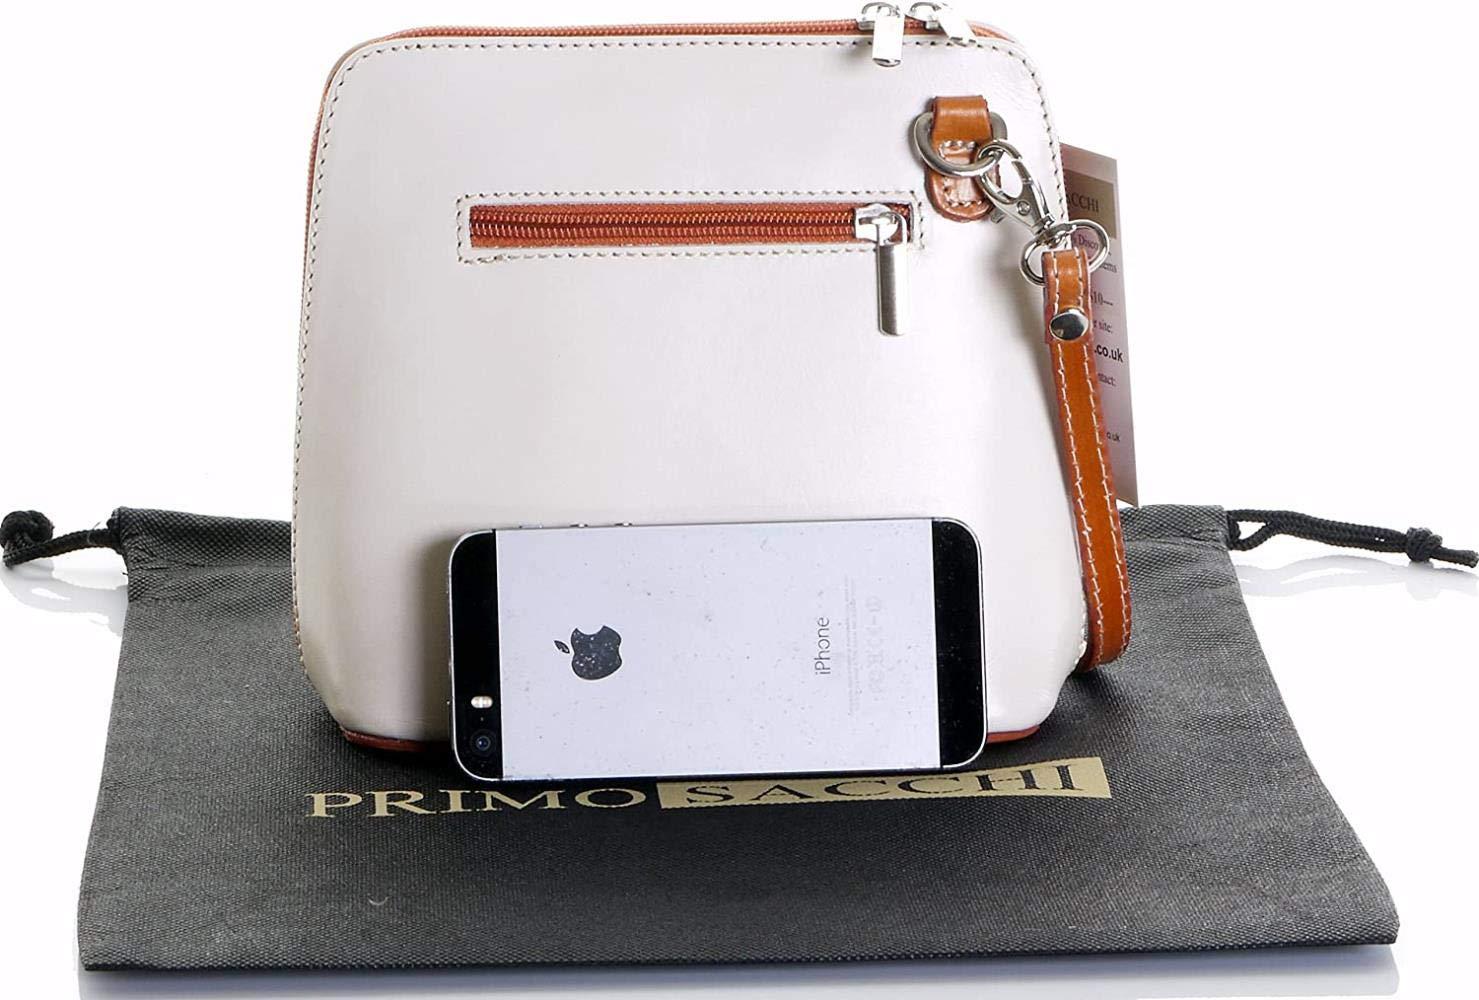 XMJ Damläder handgjord liten/mikro cross-body väska eller axelväska handväska Väskor small Röd Cream &Amp; Tan